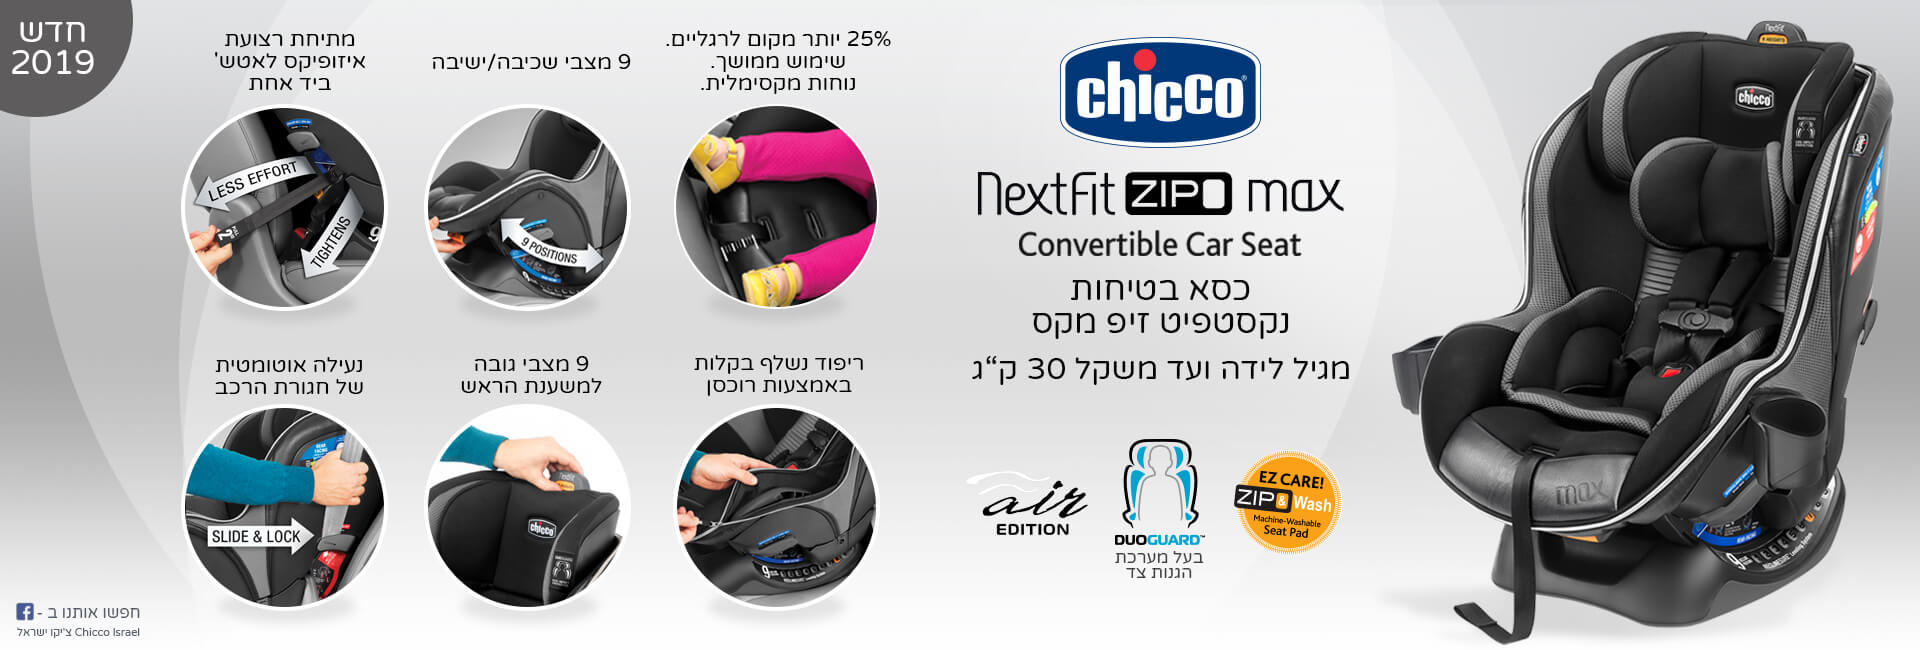 כסא בטיחות לתינוק Chicco NextFit Zip Max